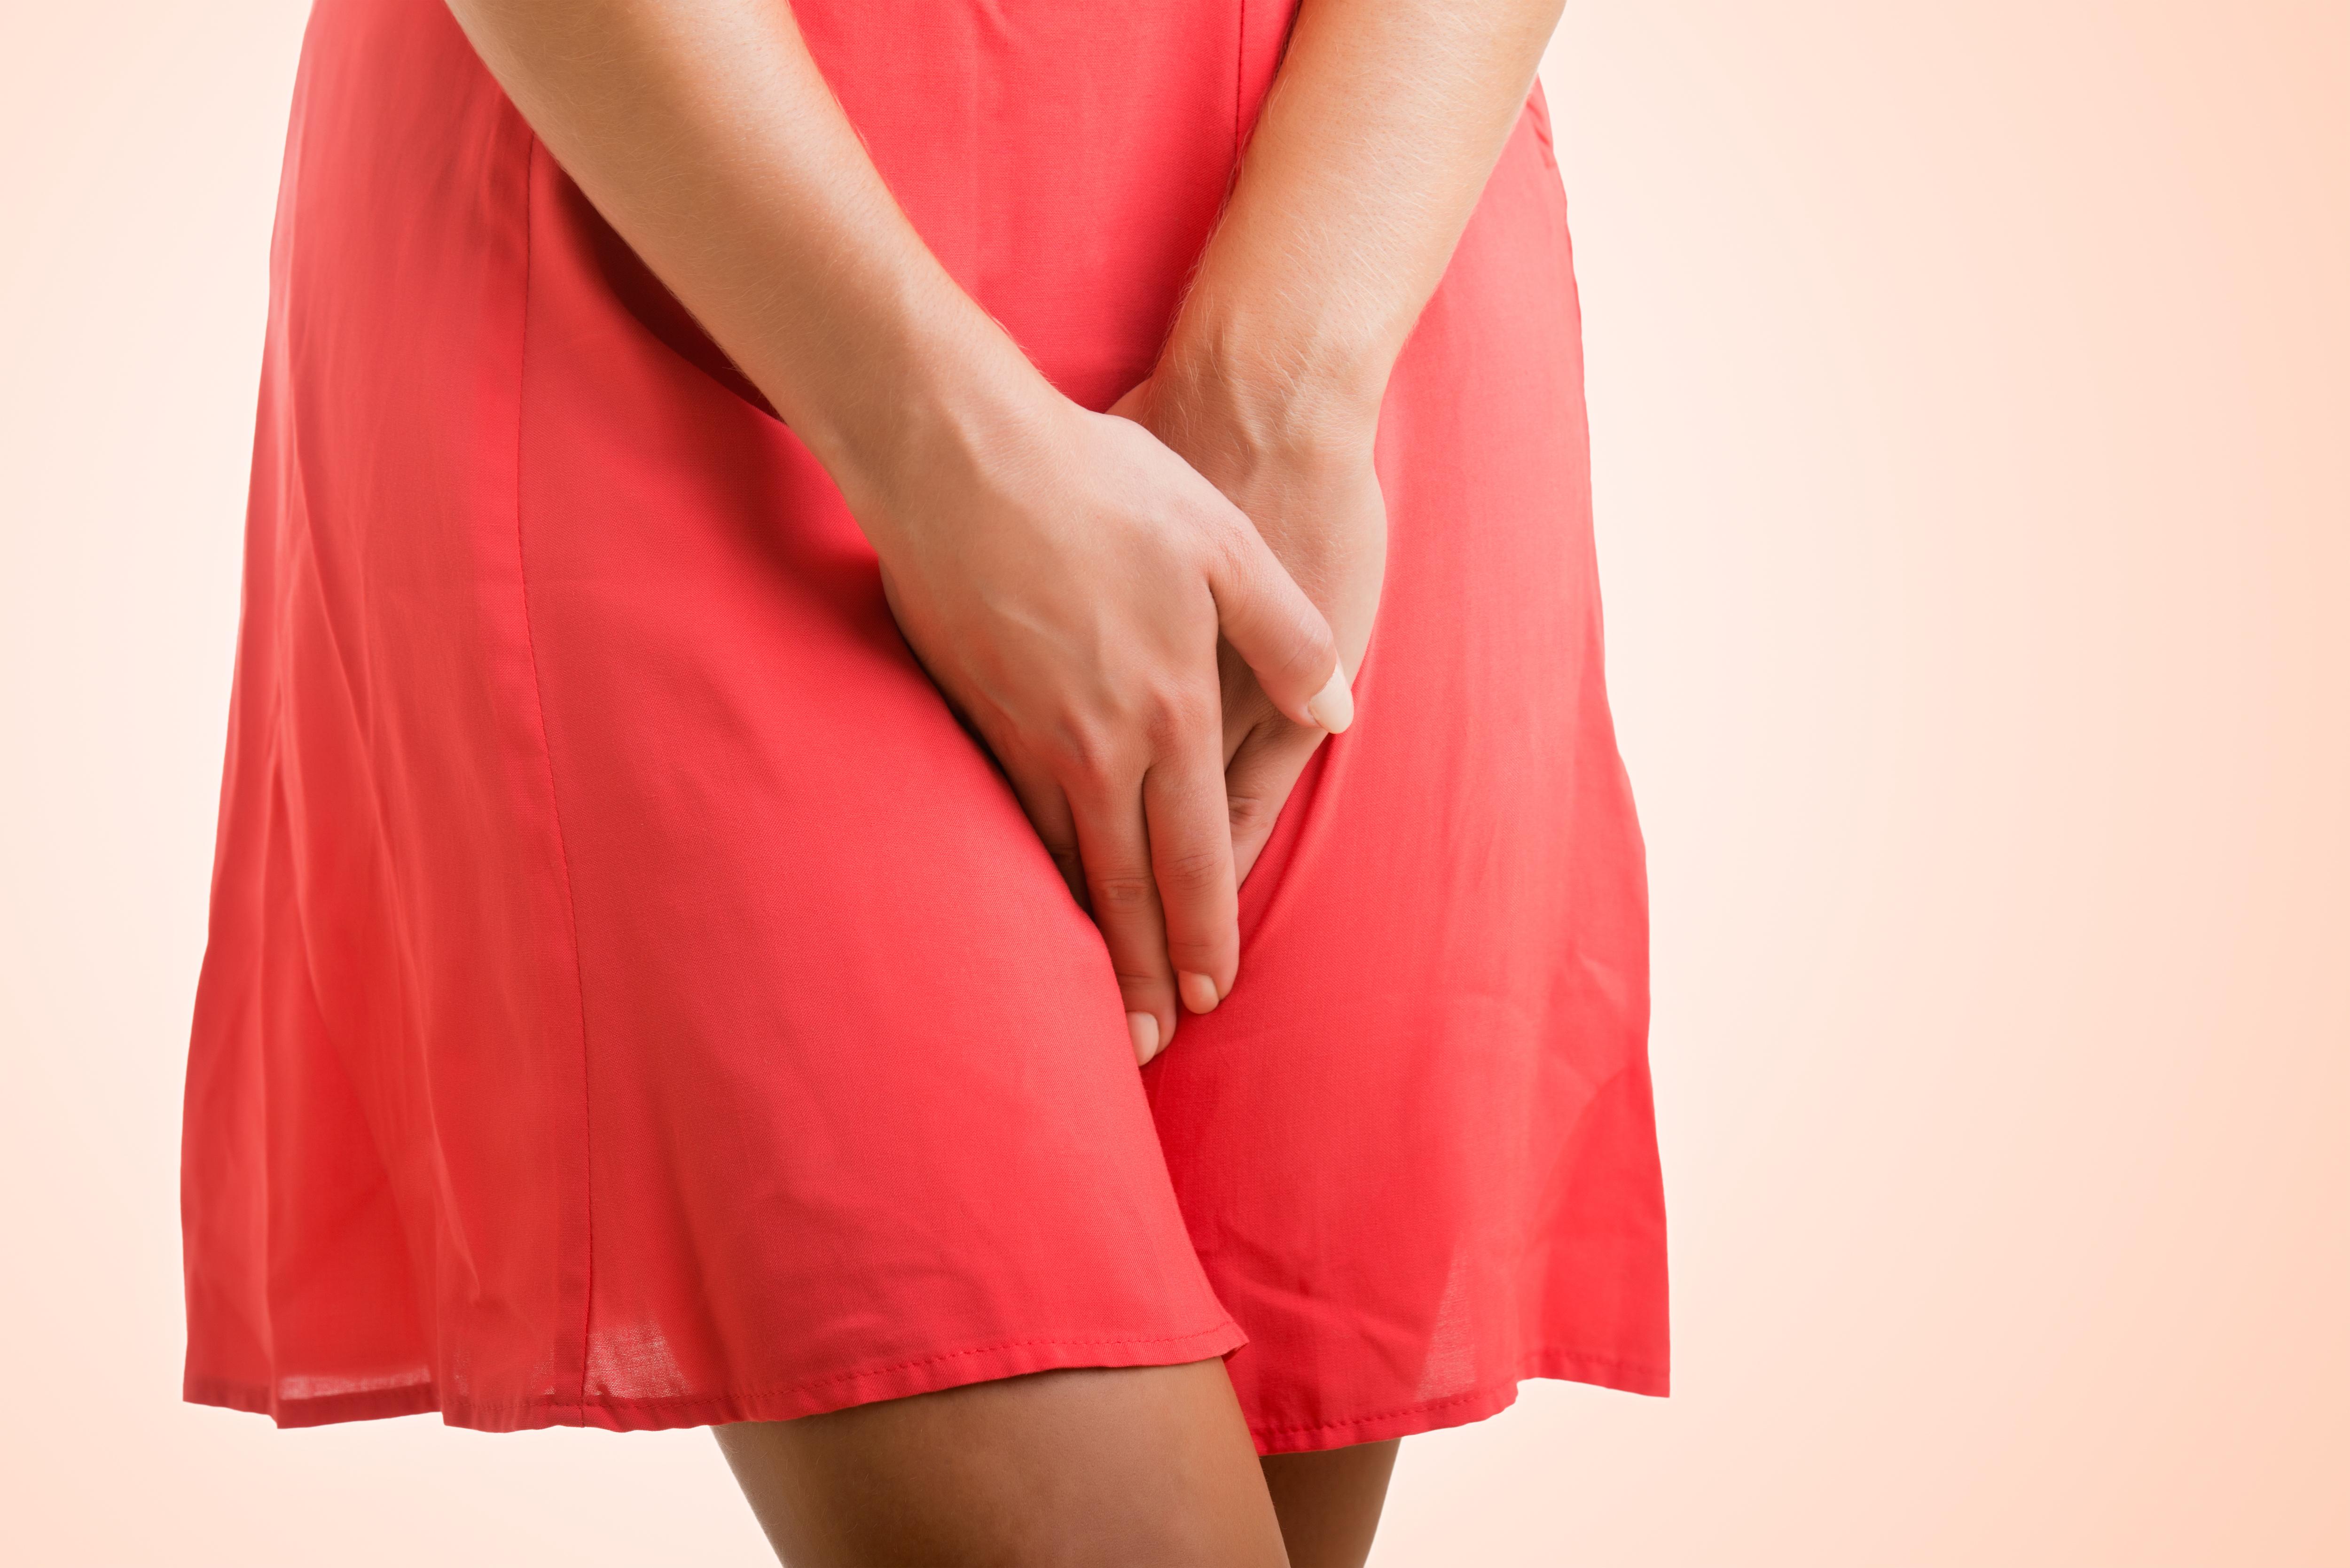 Blasenschwäche nach der Schwangerschaft und was du dagegen tun kannst